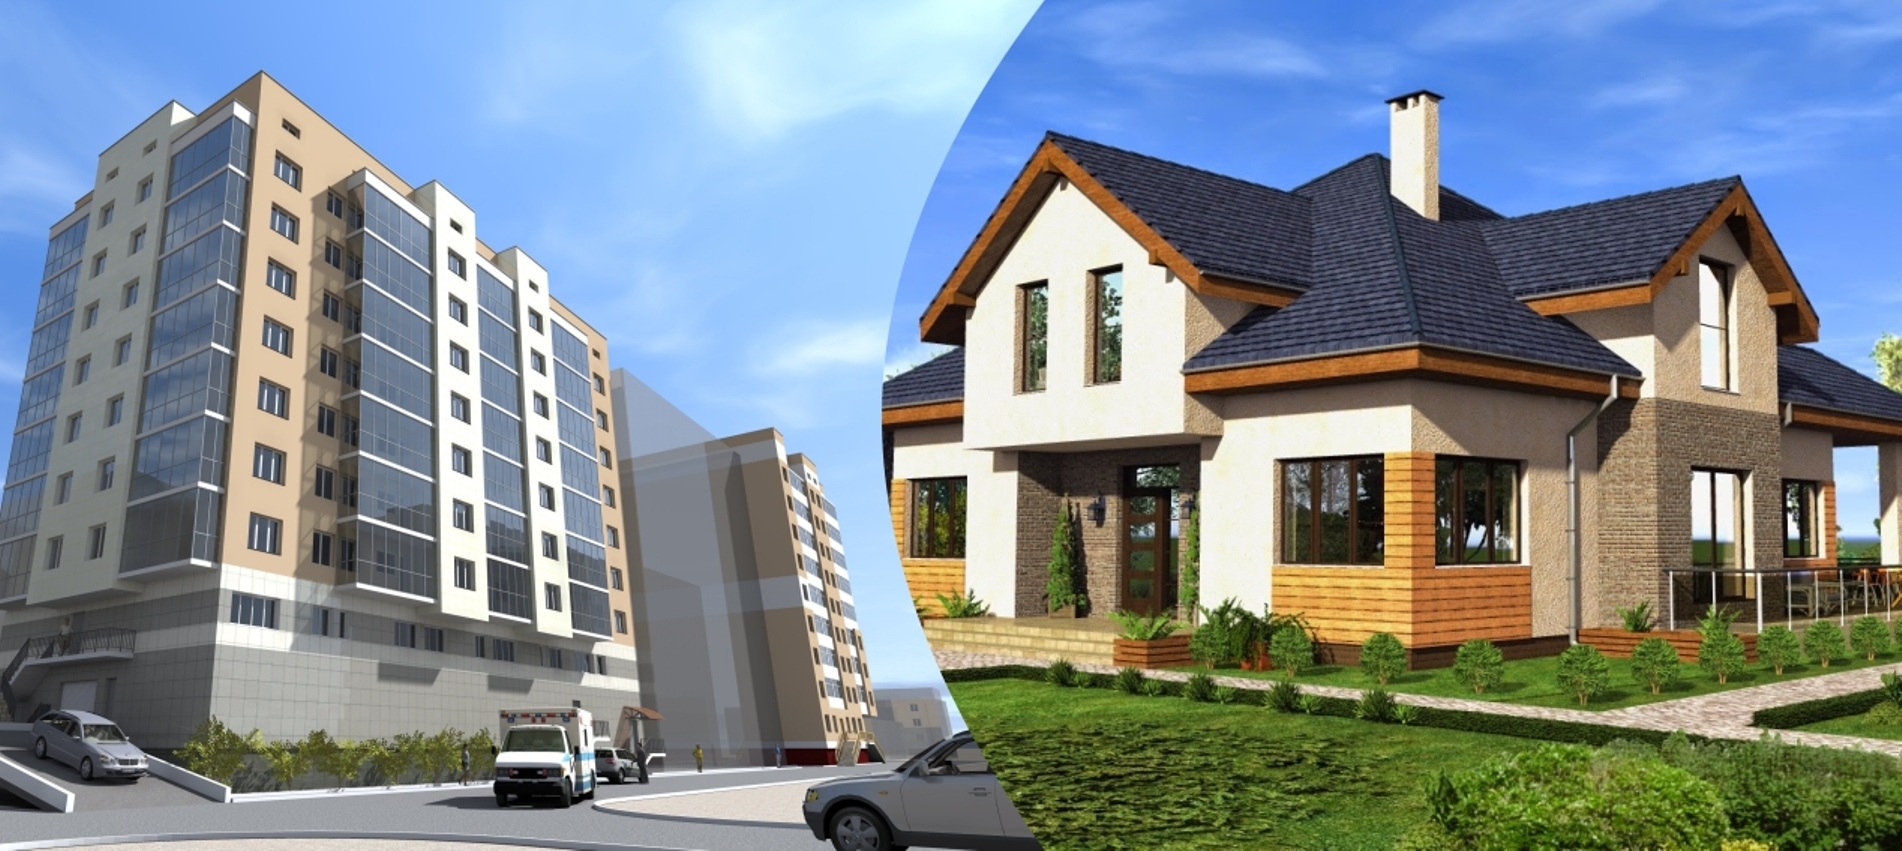 взять кредит на жилье в бресте потребительский кредит без справок о доходах минск